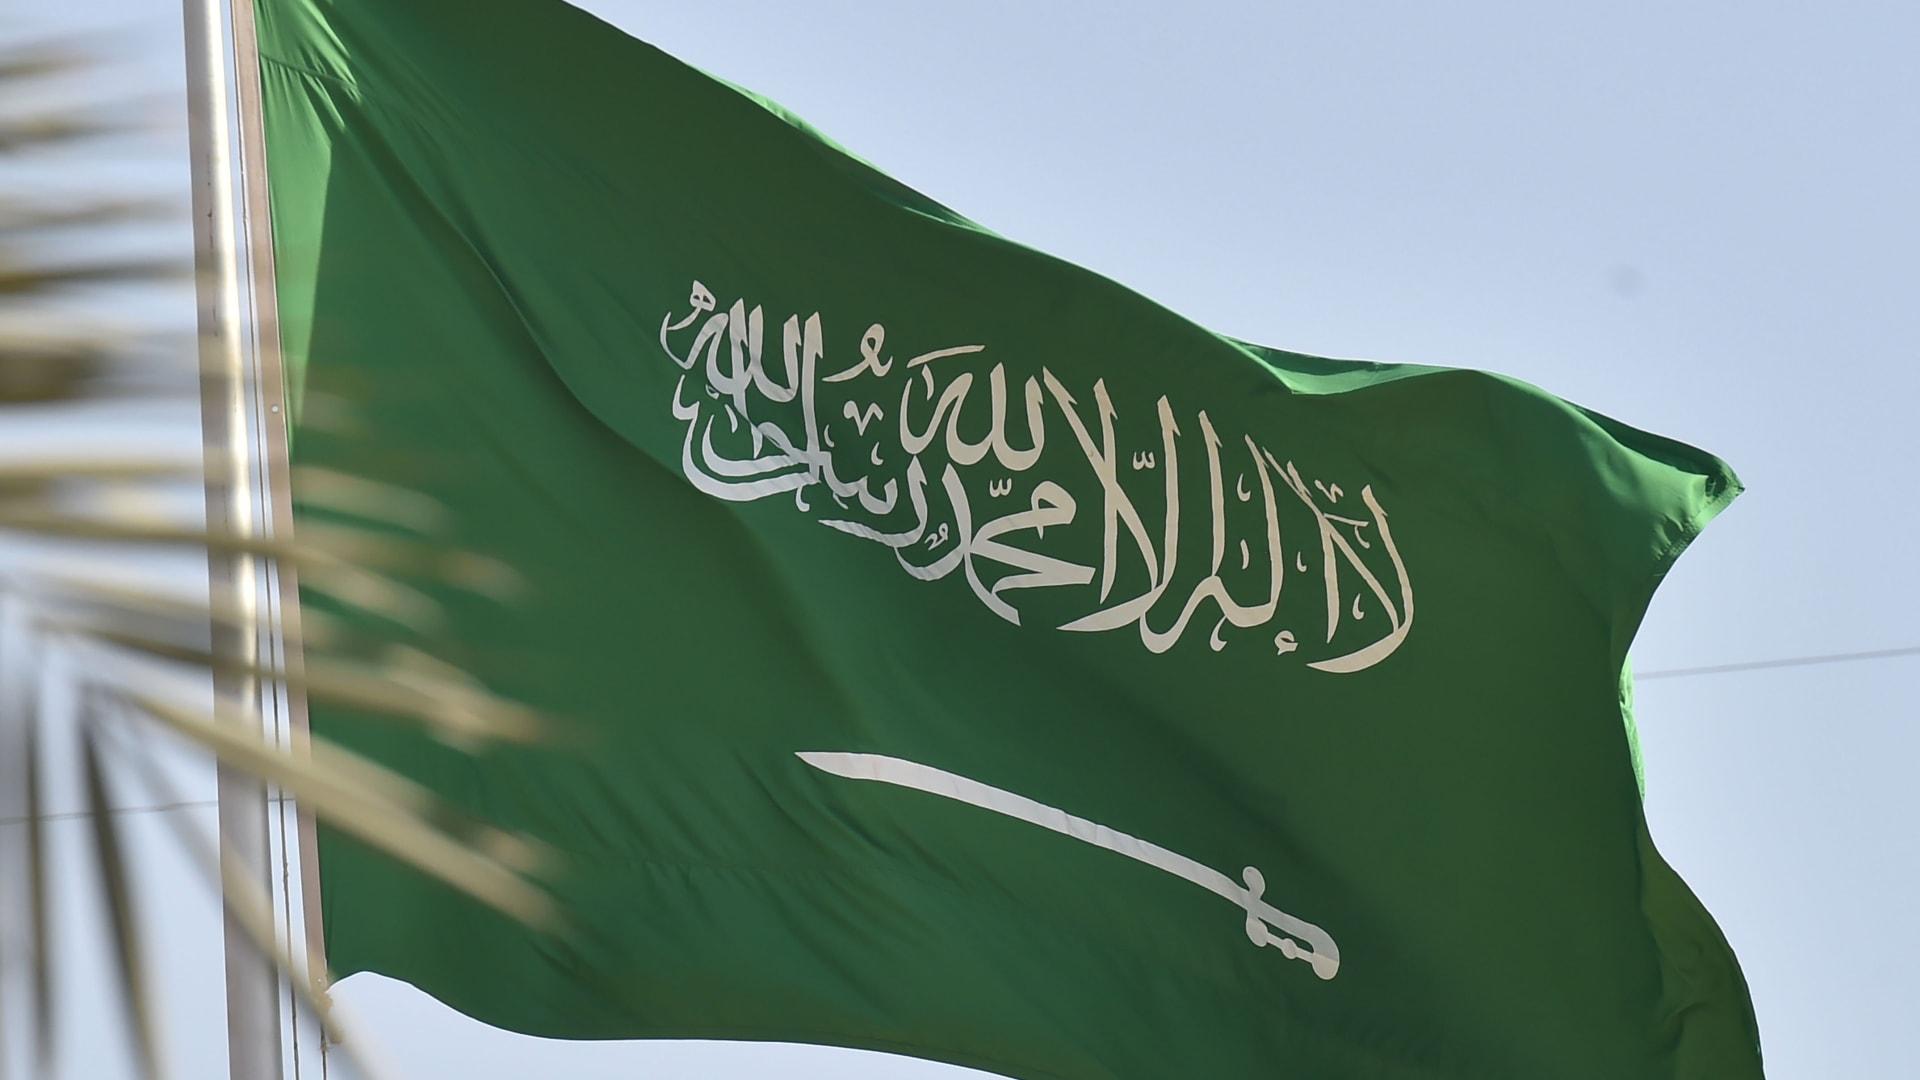 """السعودية: المحكمة الجزائية تقضي بـ""""حد الحرابة"""" ضد 5 متهمين بتنفيذ أعمال إرهابية بالمملكة"""